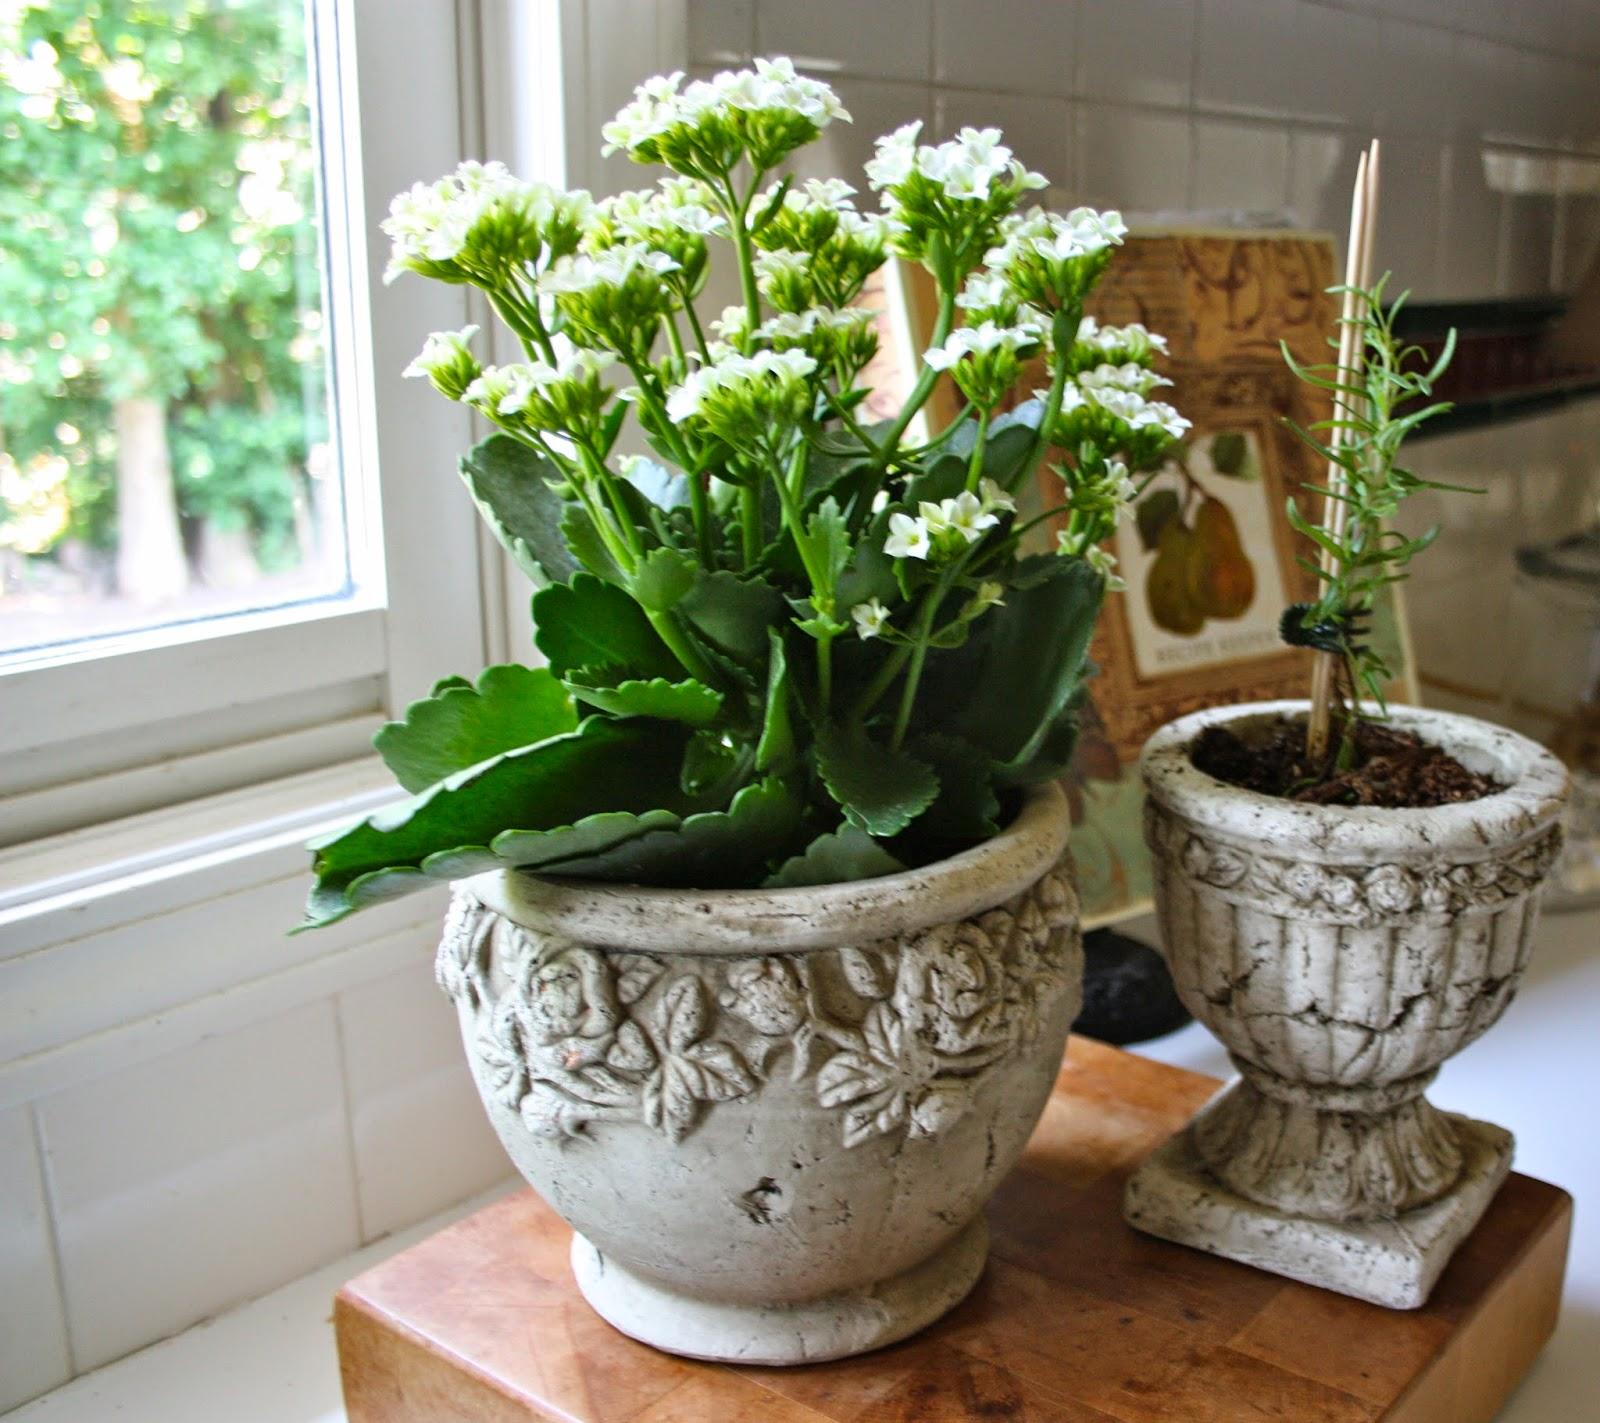 الحديقة المنزلية الصغيرة صور: بني و أخضر: أوعية نباتية مبتكرة تحتضن نباتات الزينة وتثري